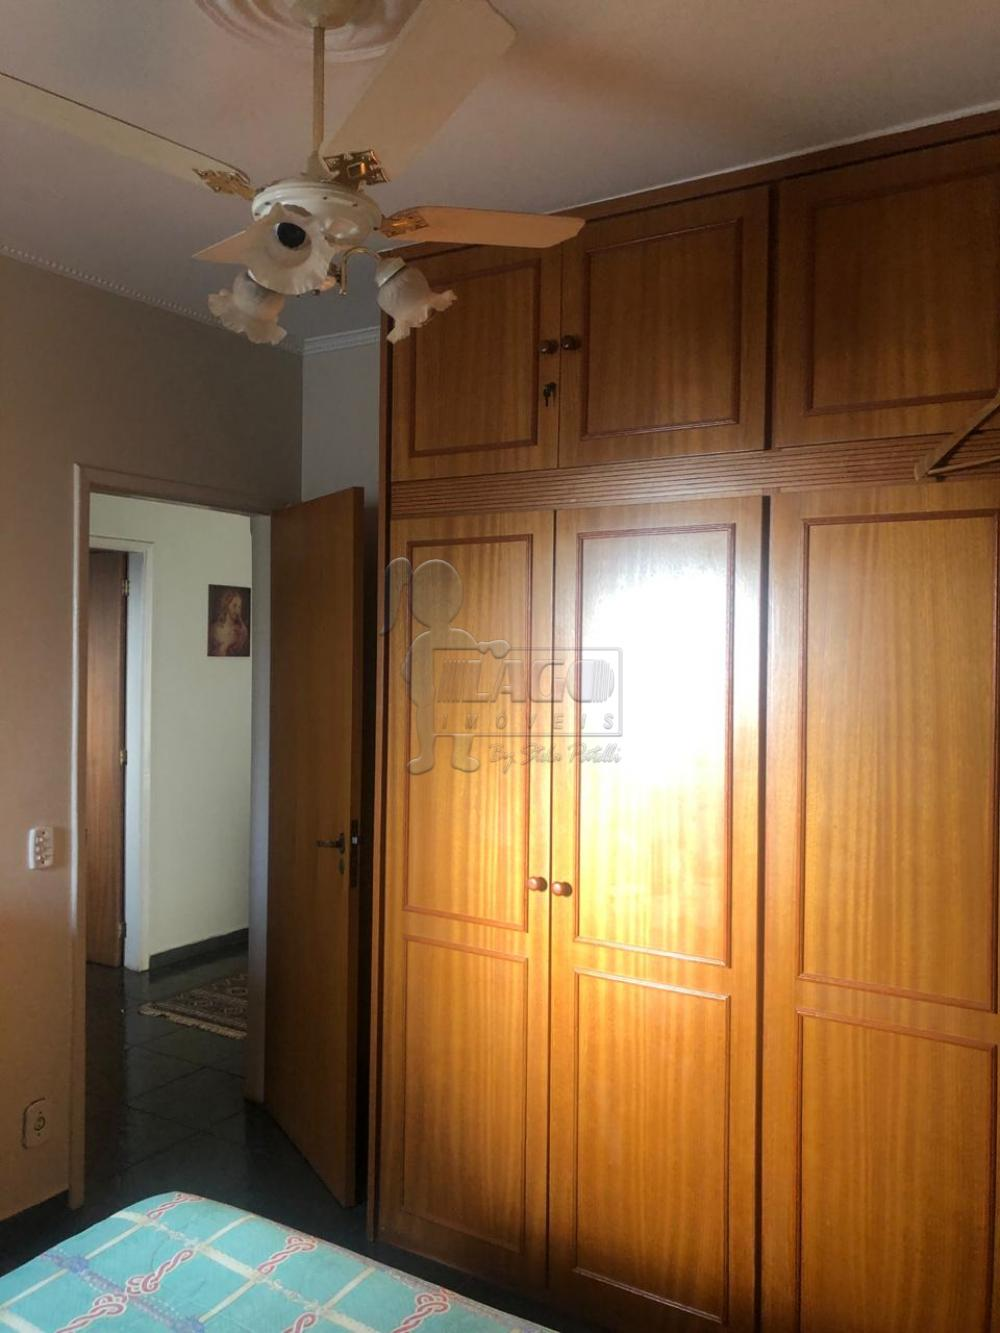 Comprar Casas / Padrão em Ribeirão Preto apenas R$ 980.000,00 - Foto 10